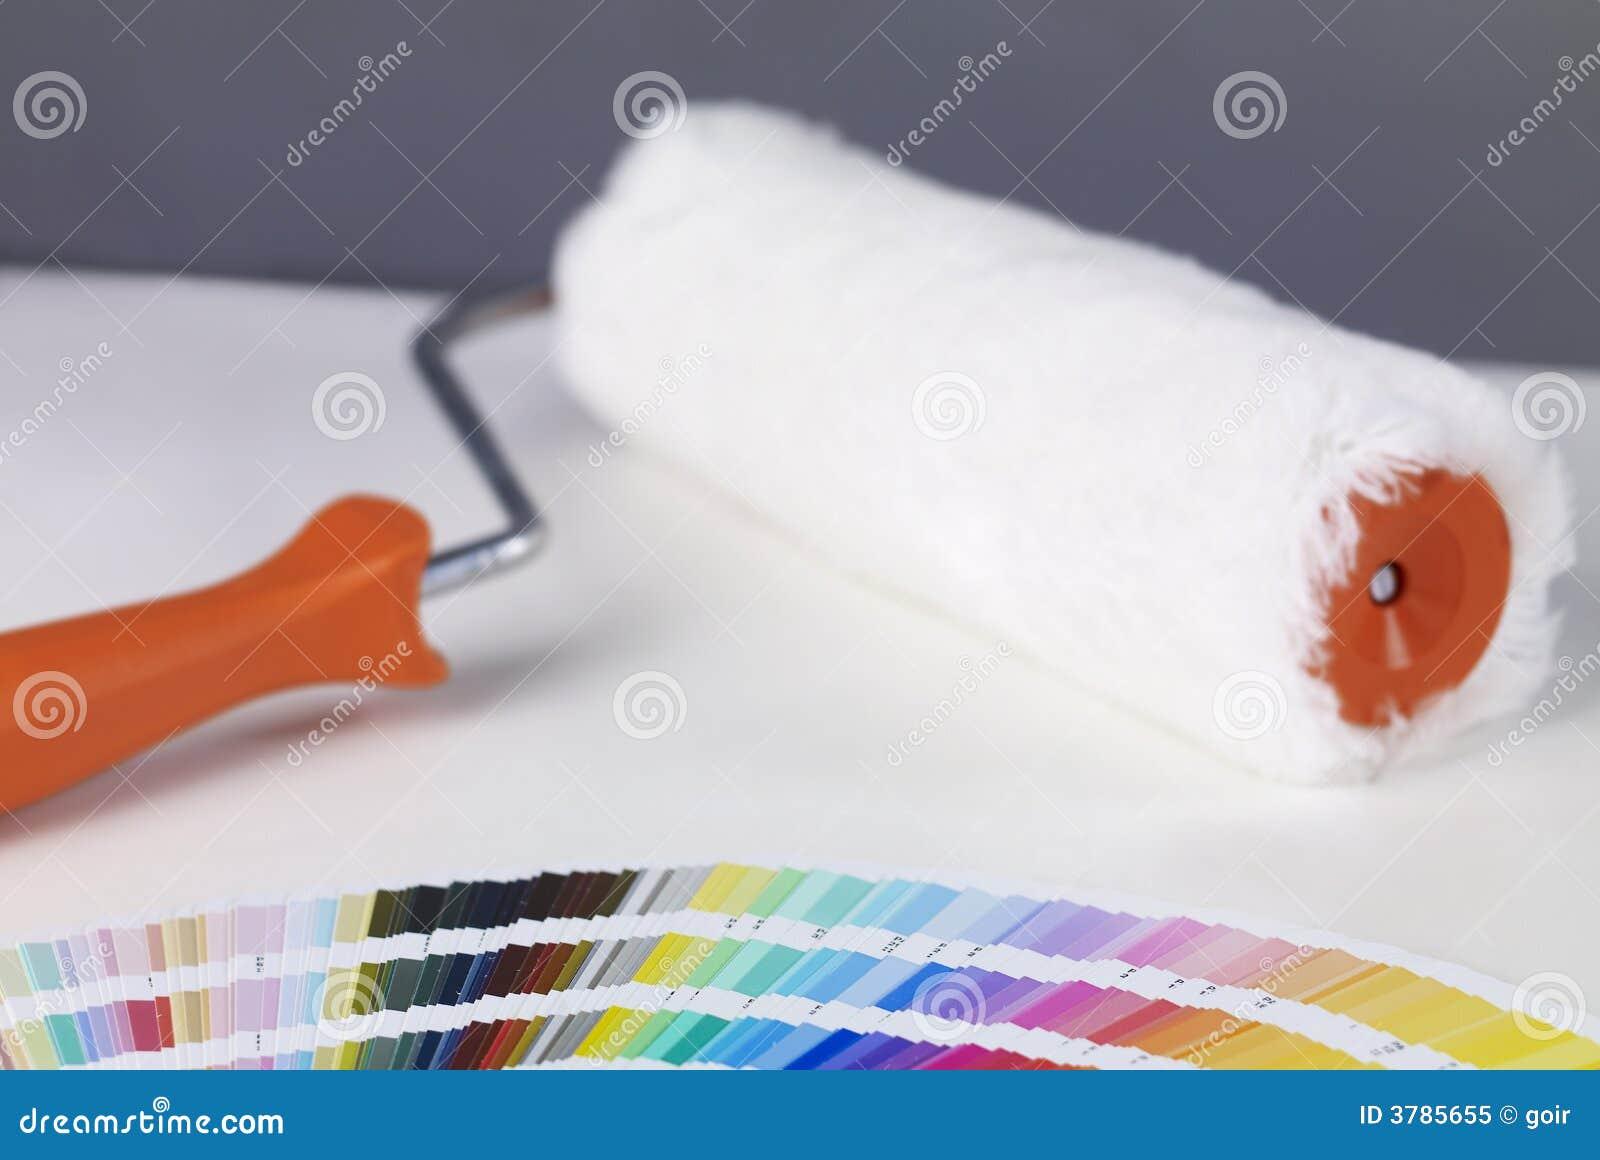 κύλινδρος χρωμάτων